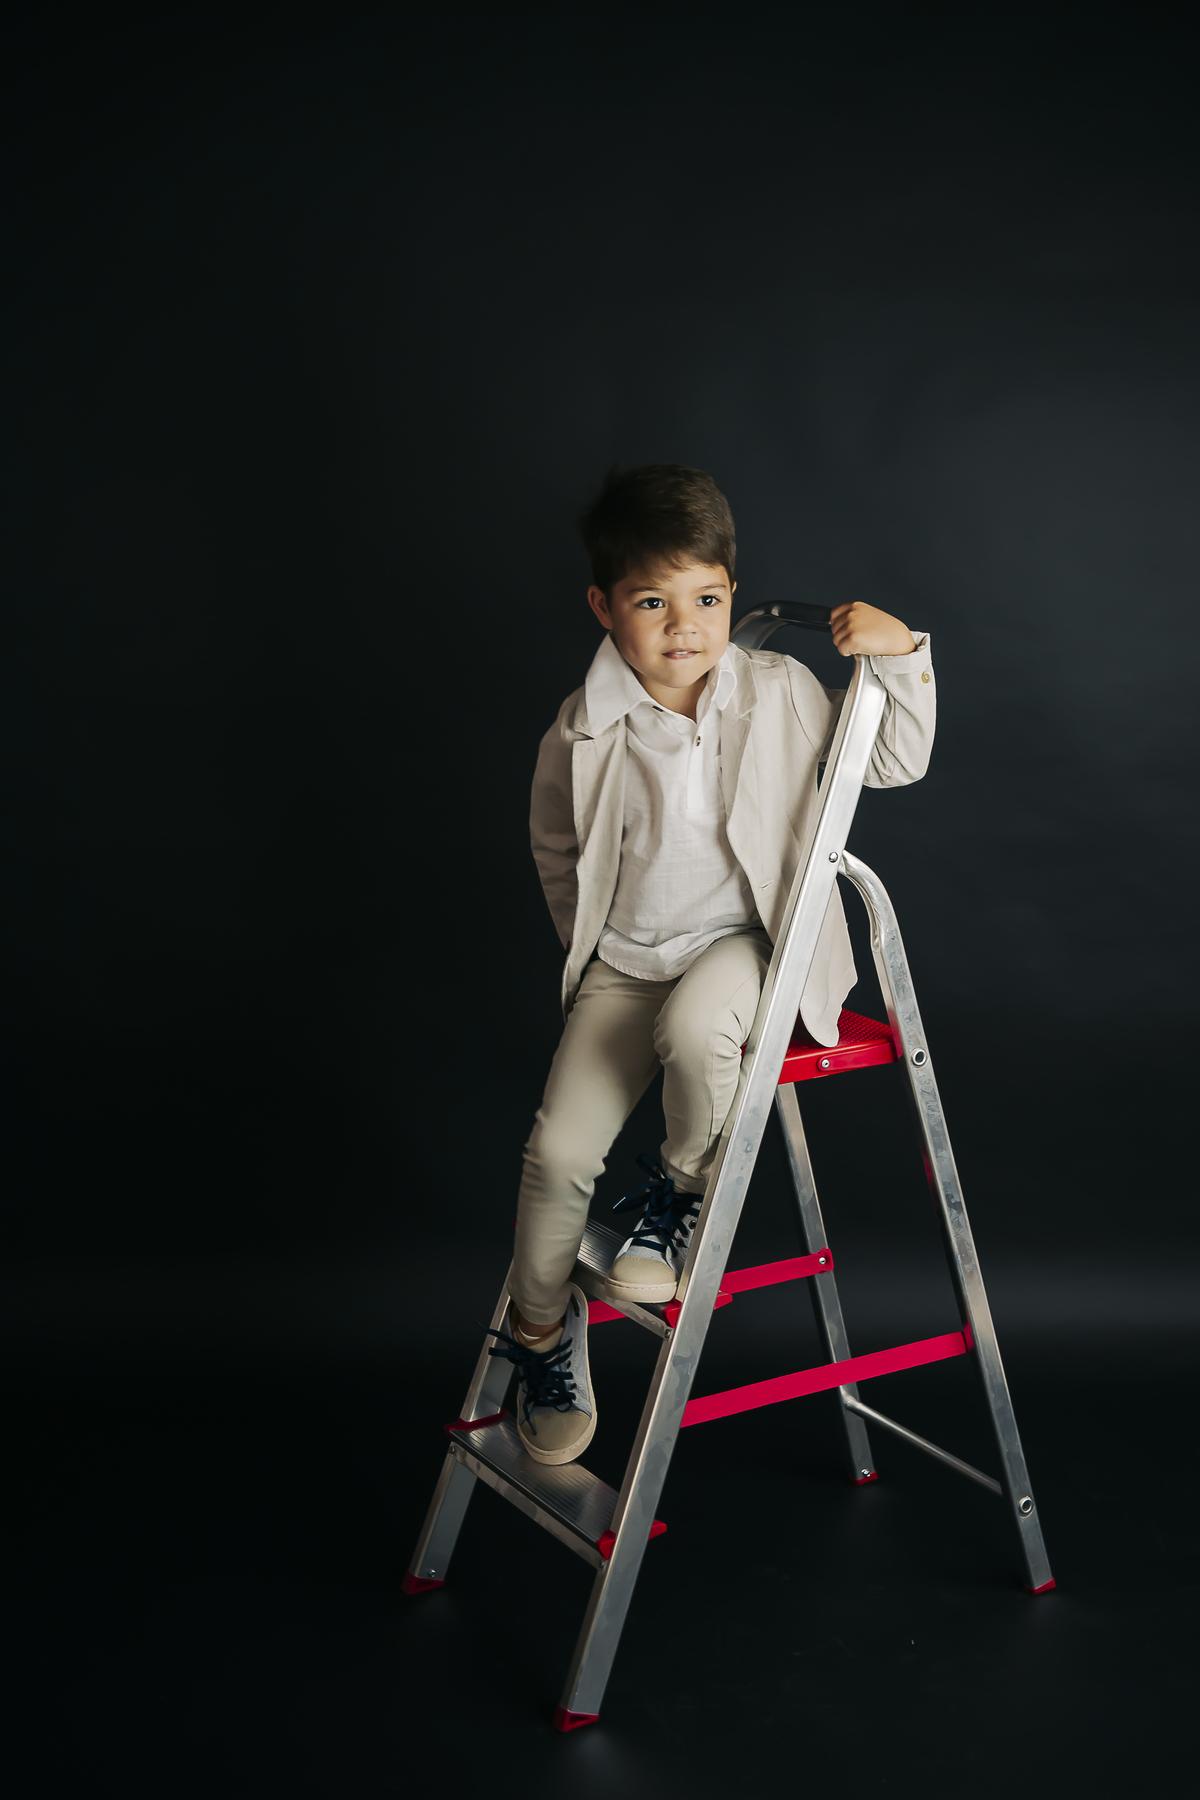 Fotografia editorial, crianla de seis anos, Brasilia Gabi Aine Fotografia